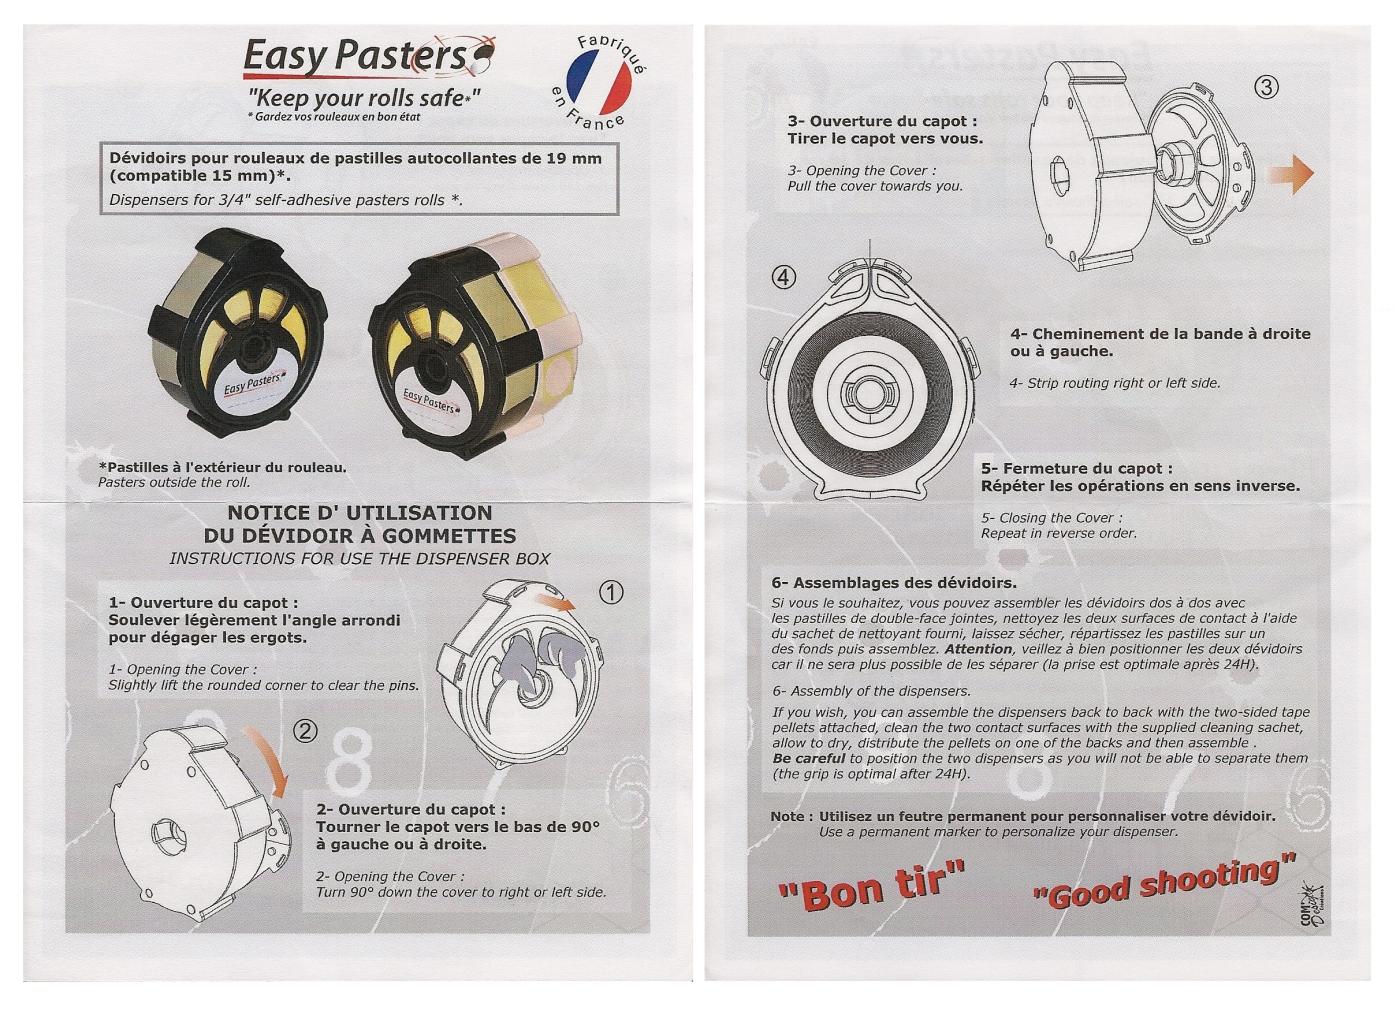 Ce produit de conception et de fabrication française est accompagné par un mode d'emploi détaillé.